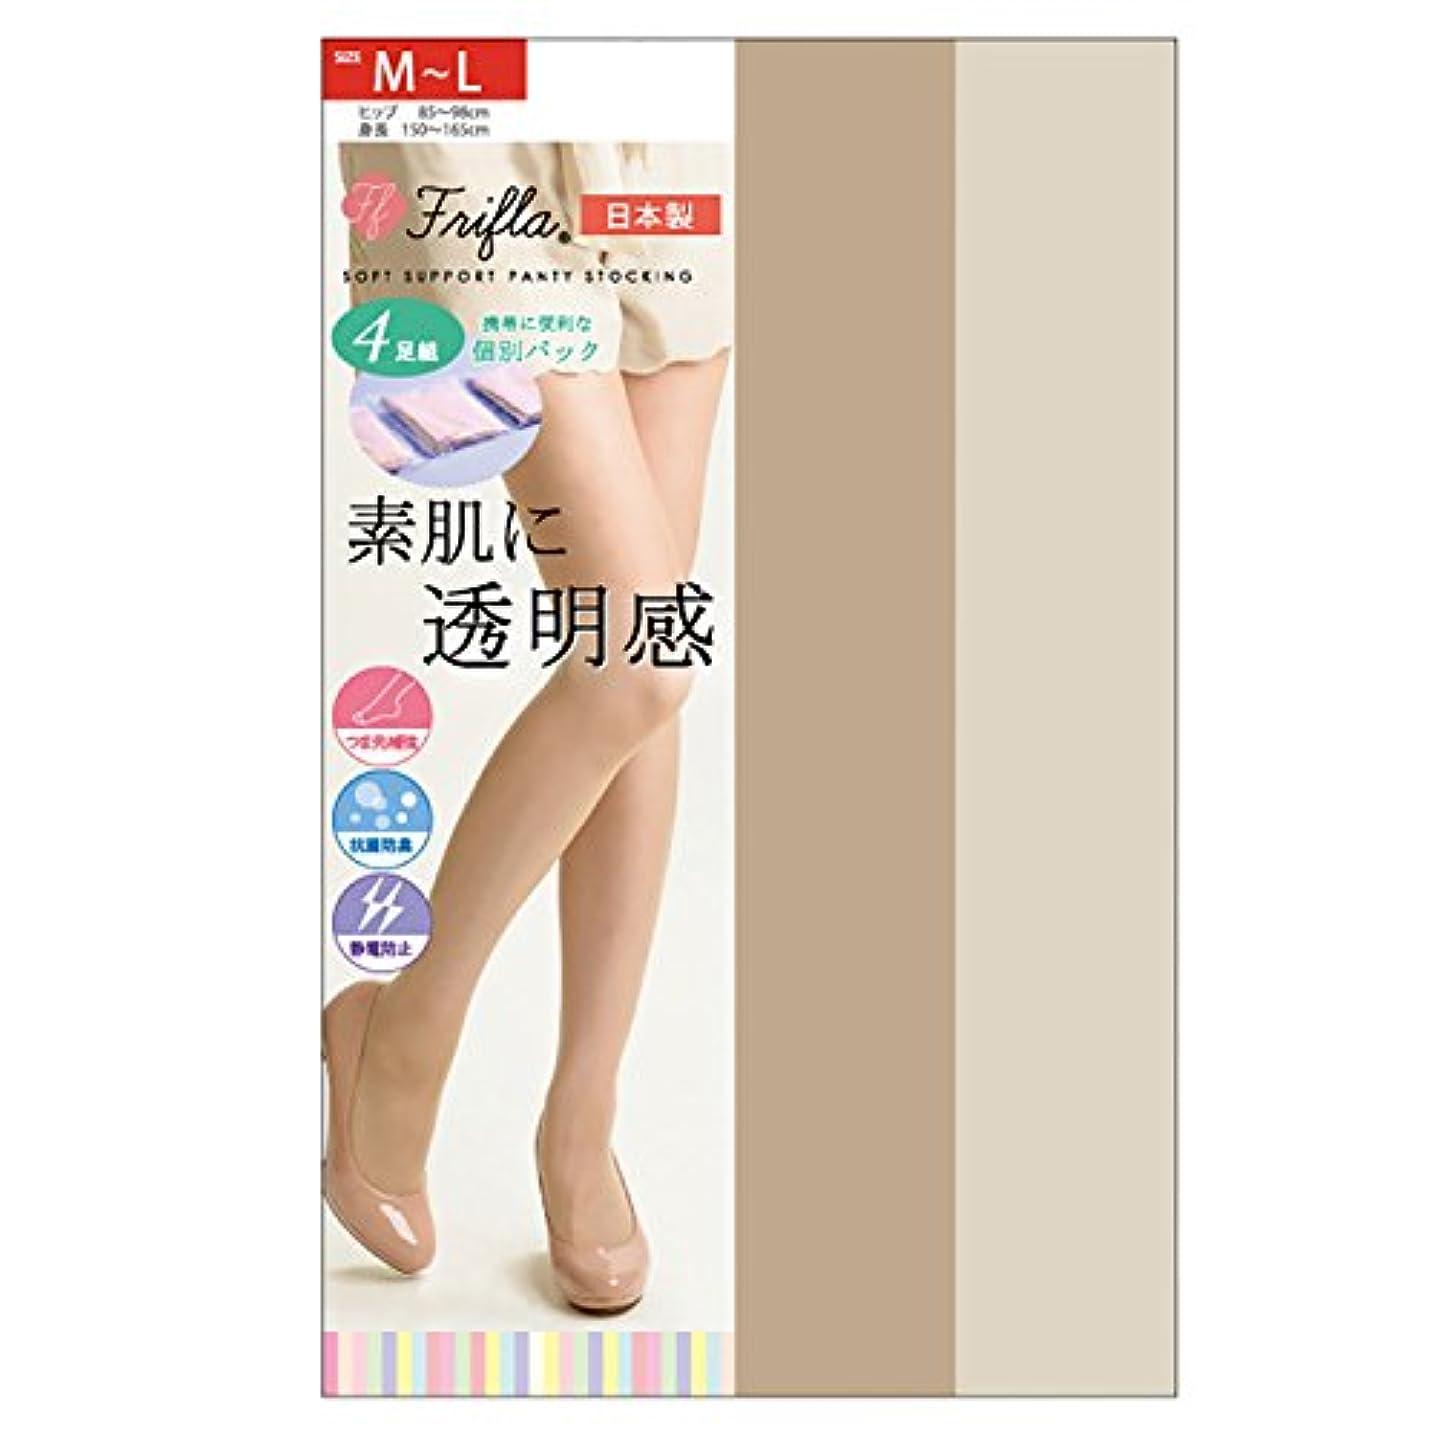 明確なサイドボード雪素肌に透明感 ソフトサポートタイプ 交編ストッキング 4足組 日本製-素肌感 個包装 抗菌防臭 静電気防止 M-L L-LL パンスト (M-L, ピュアベージュ)